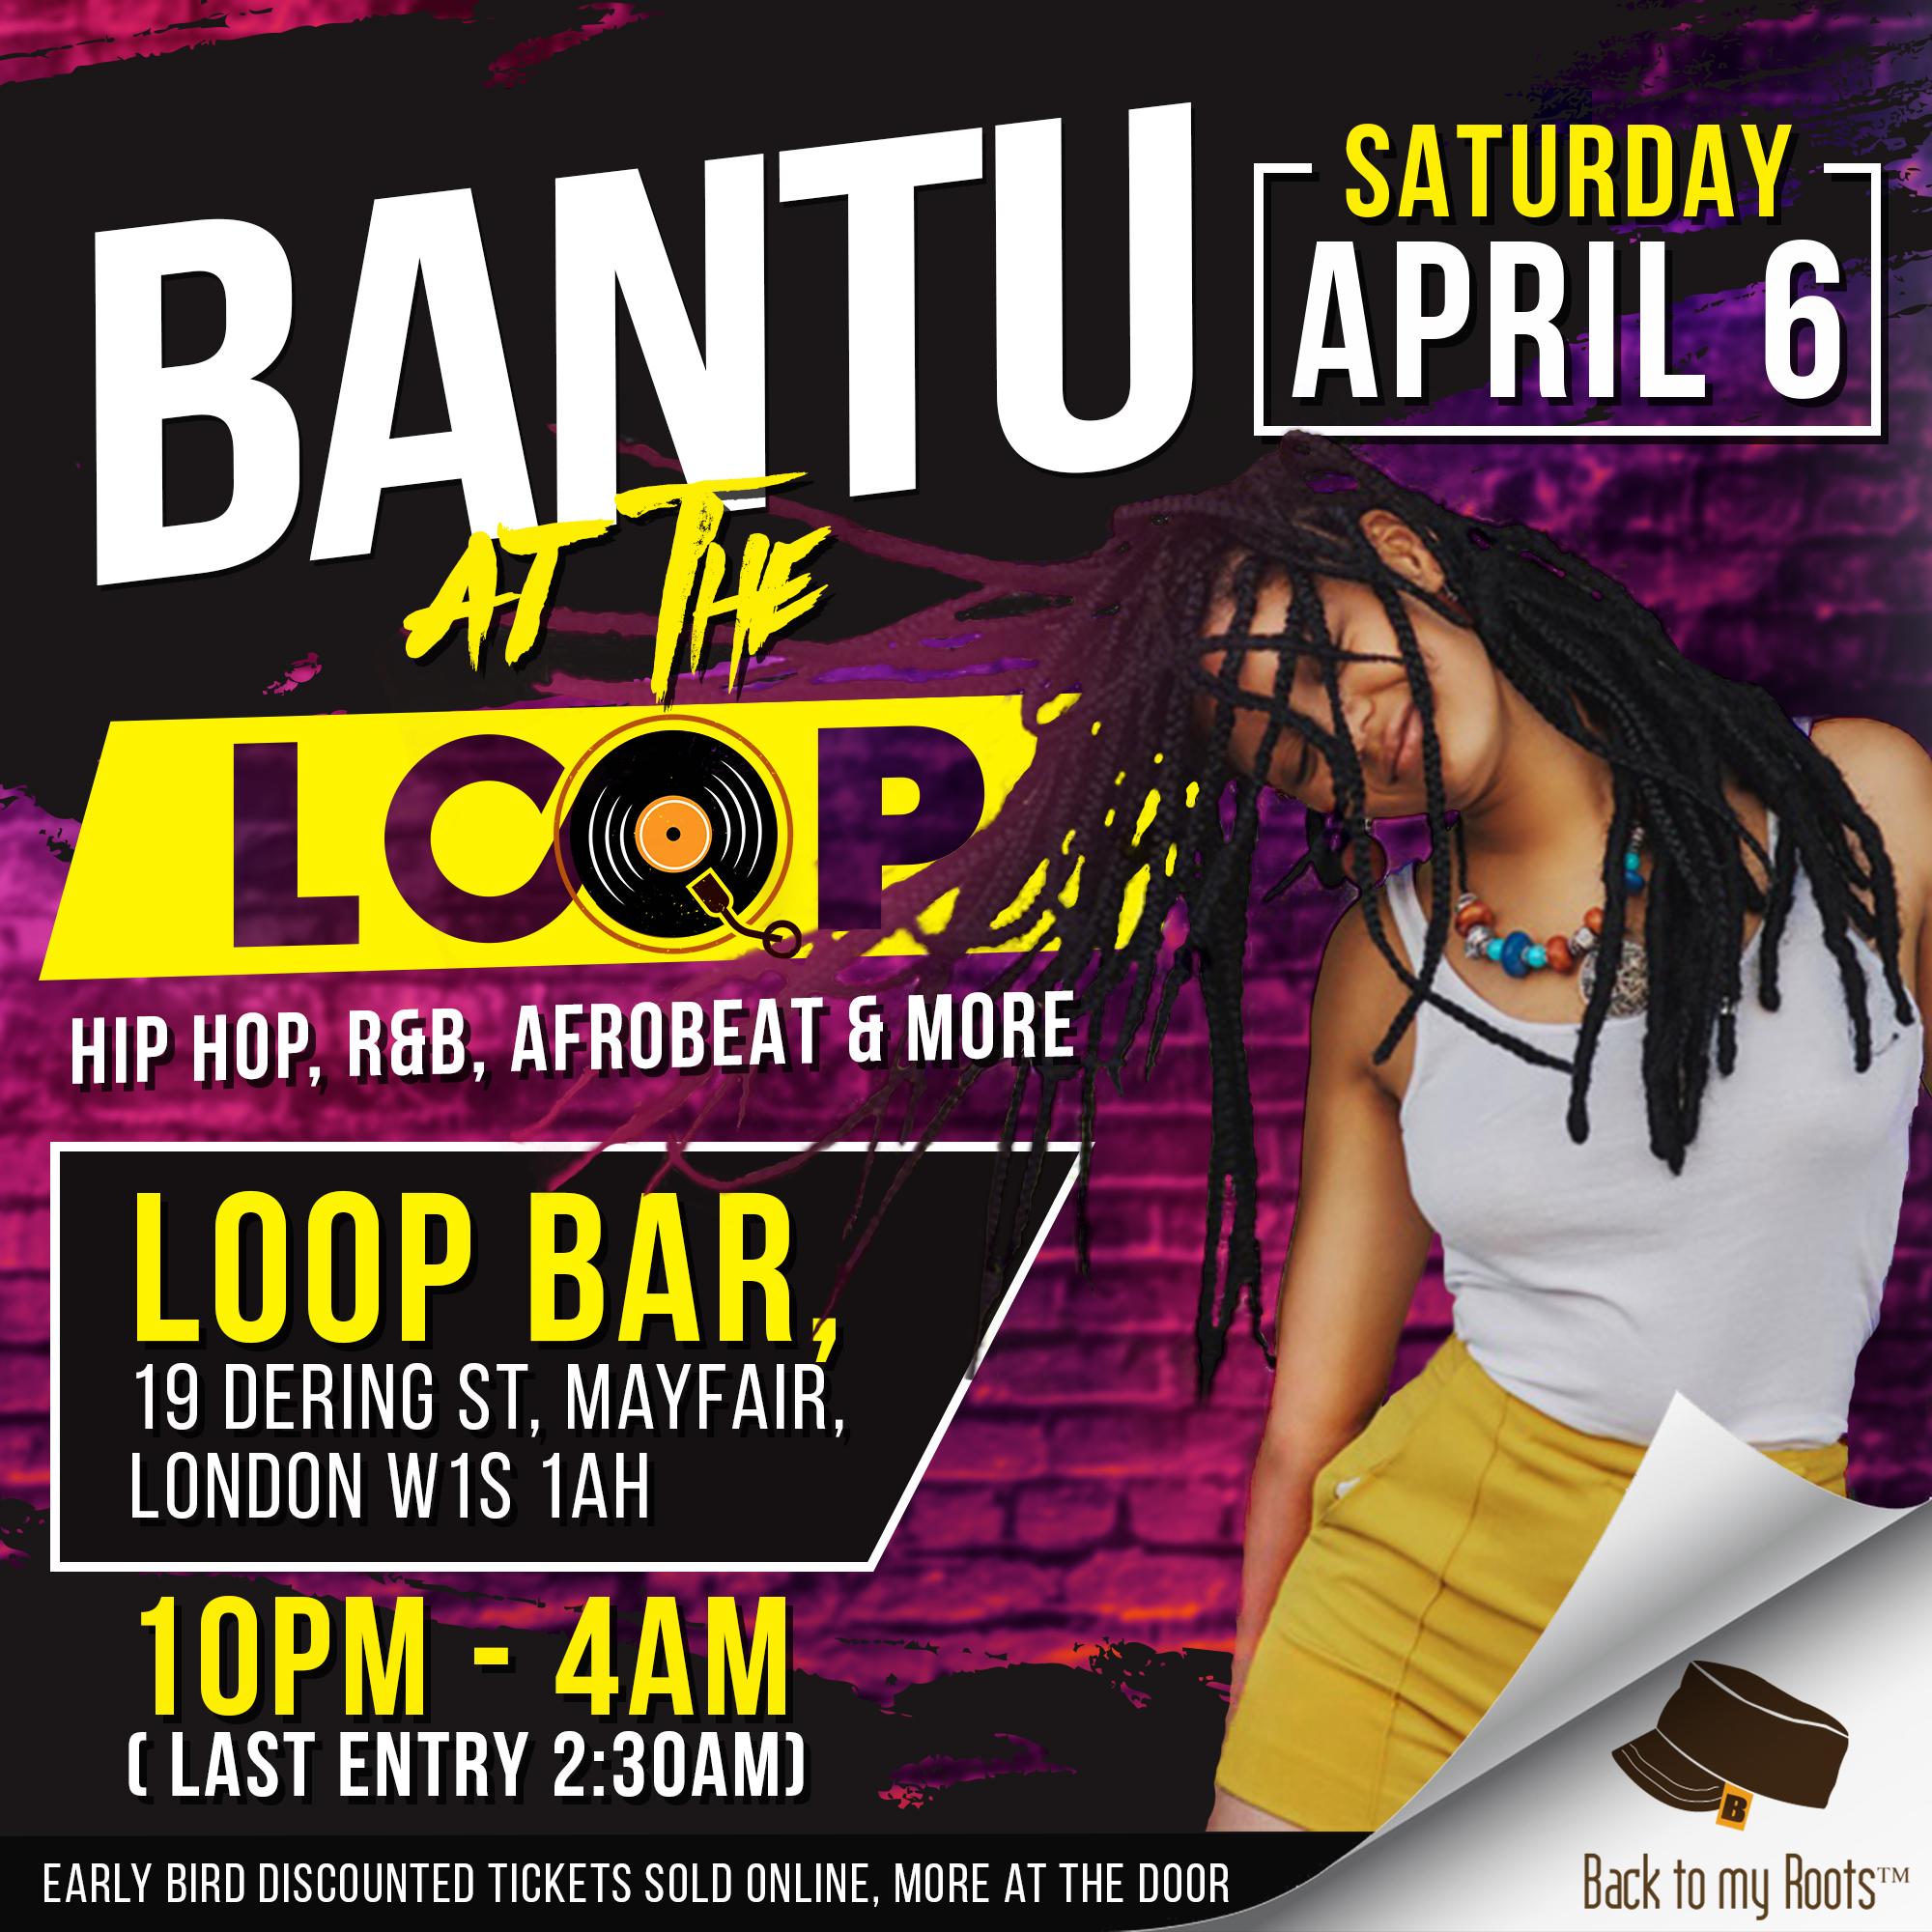 BANTU April at the Loop bar